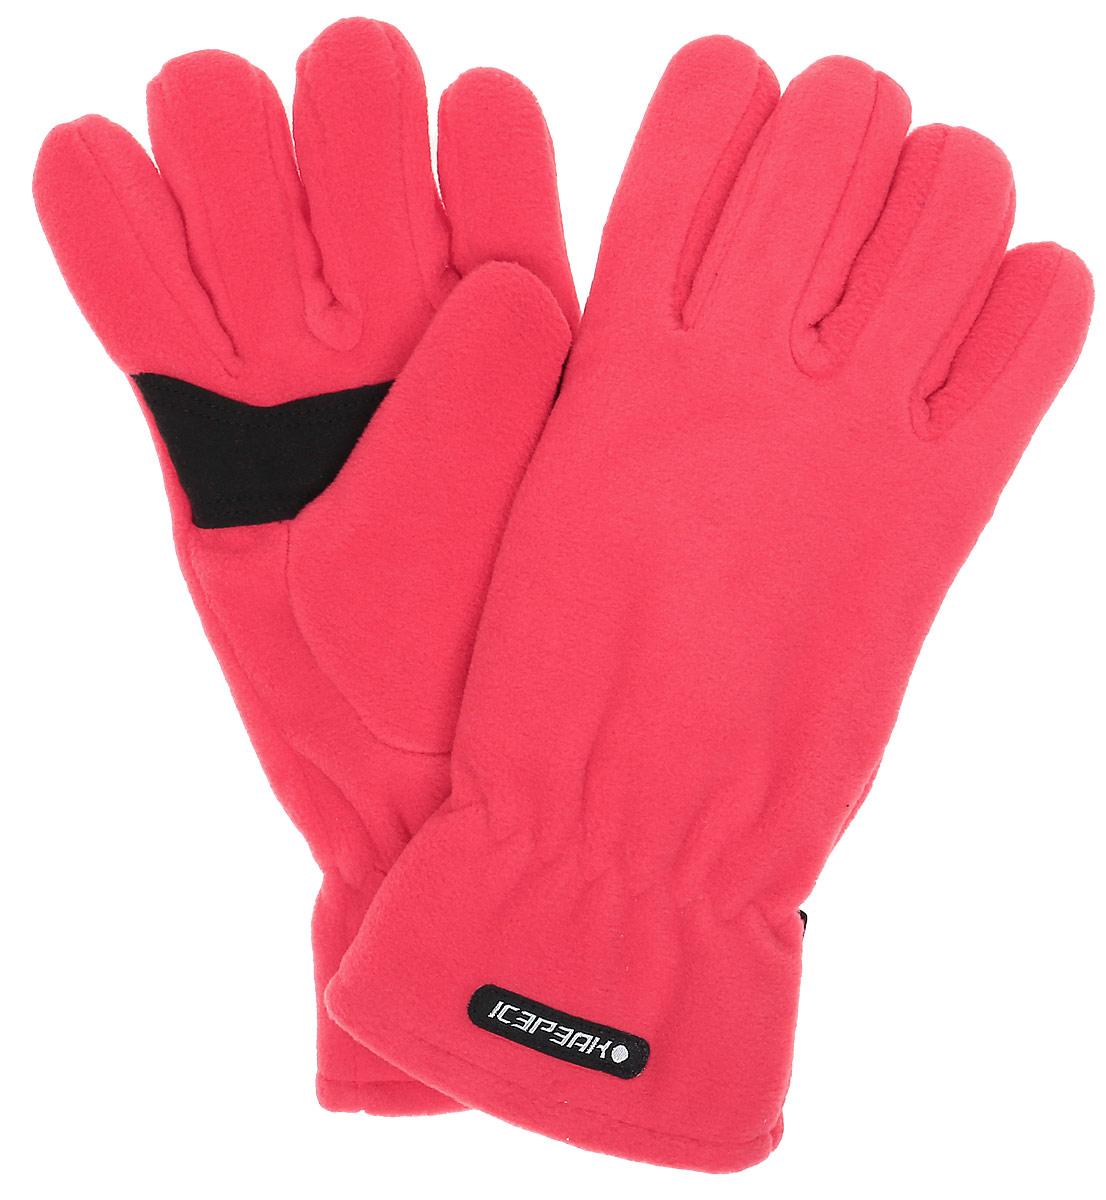 Перчатки женские Icepeak, цвет: красный. 855851540IV-660. Размер L (8/8,5)855851540IV-660